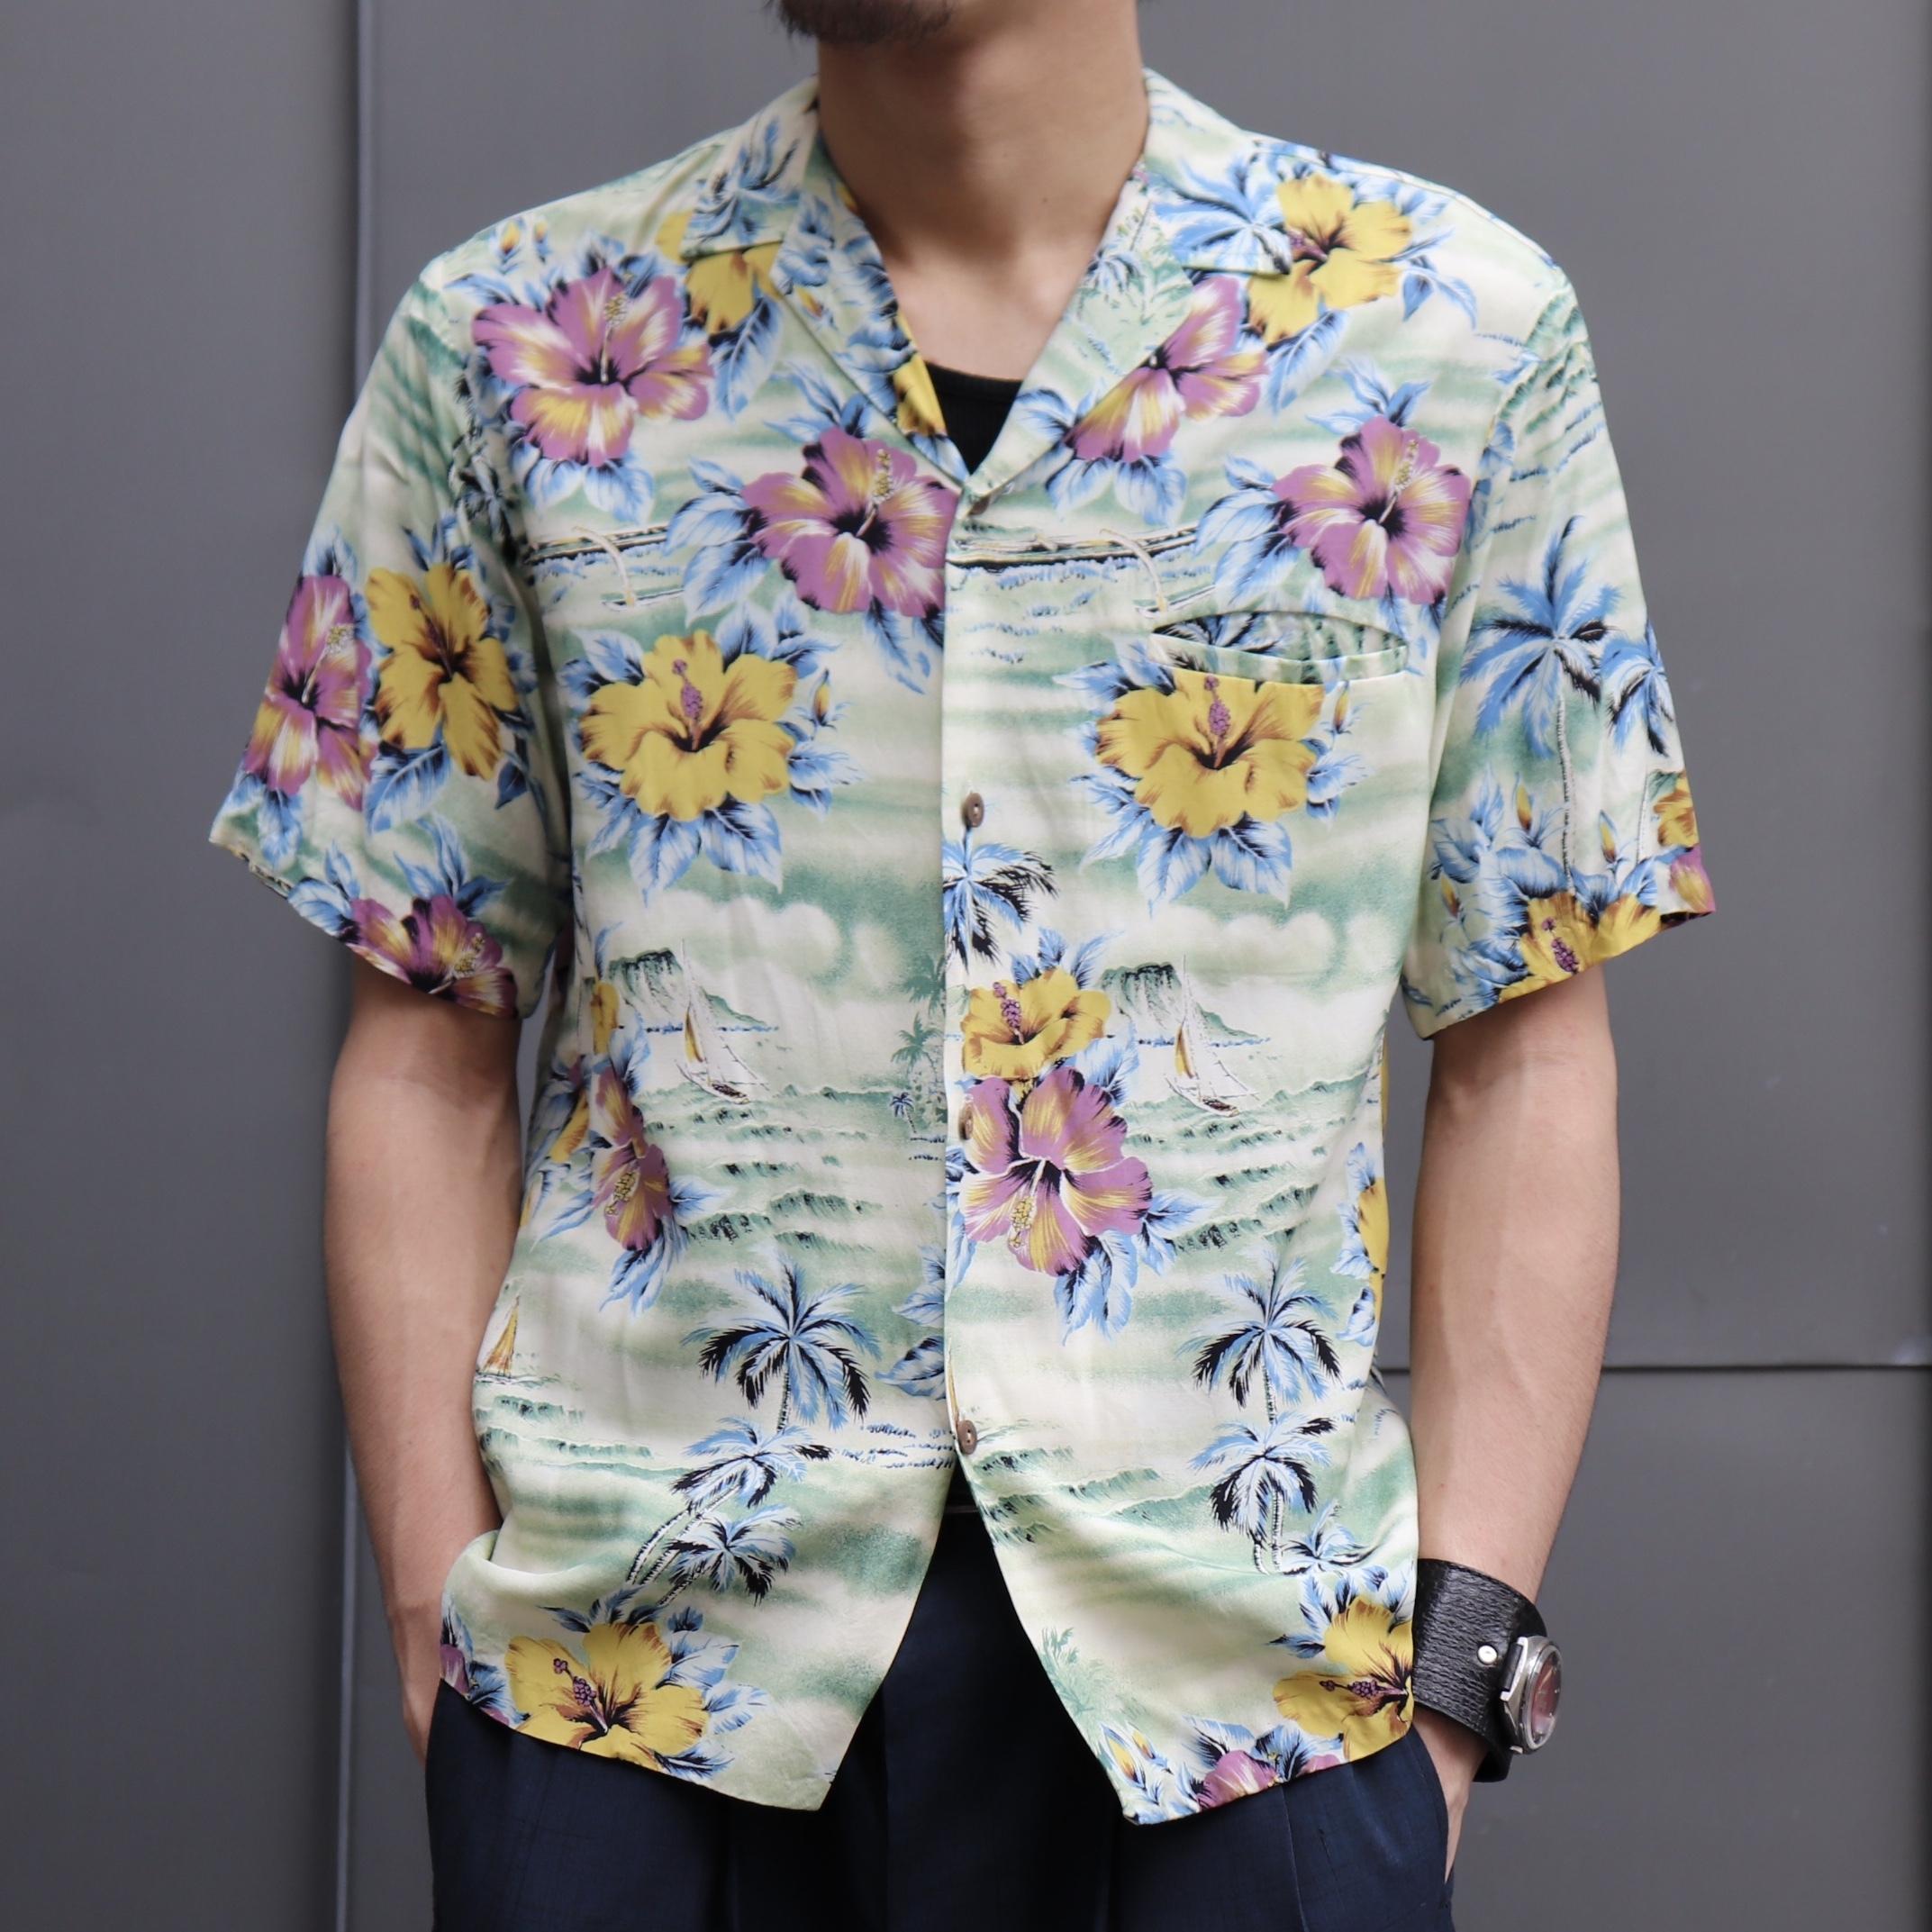 80s s/s Rayon Hawaiian Shirts  80年代 レーヨン アロハシャツ ハイビスカス柄 A754